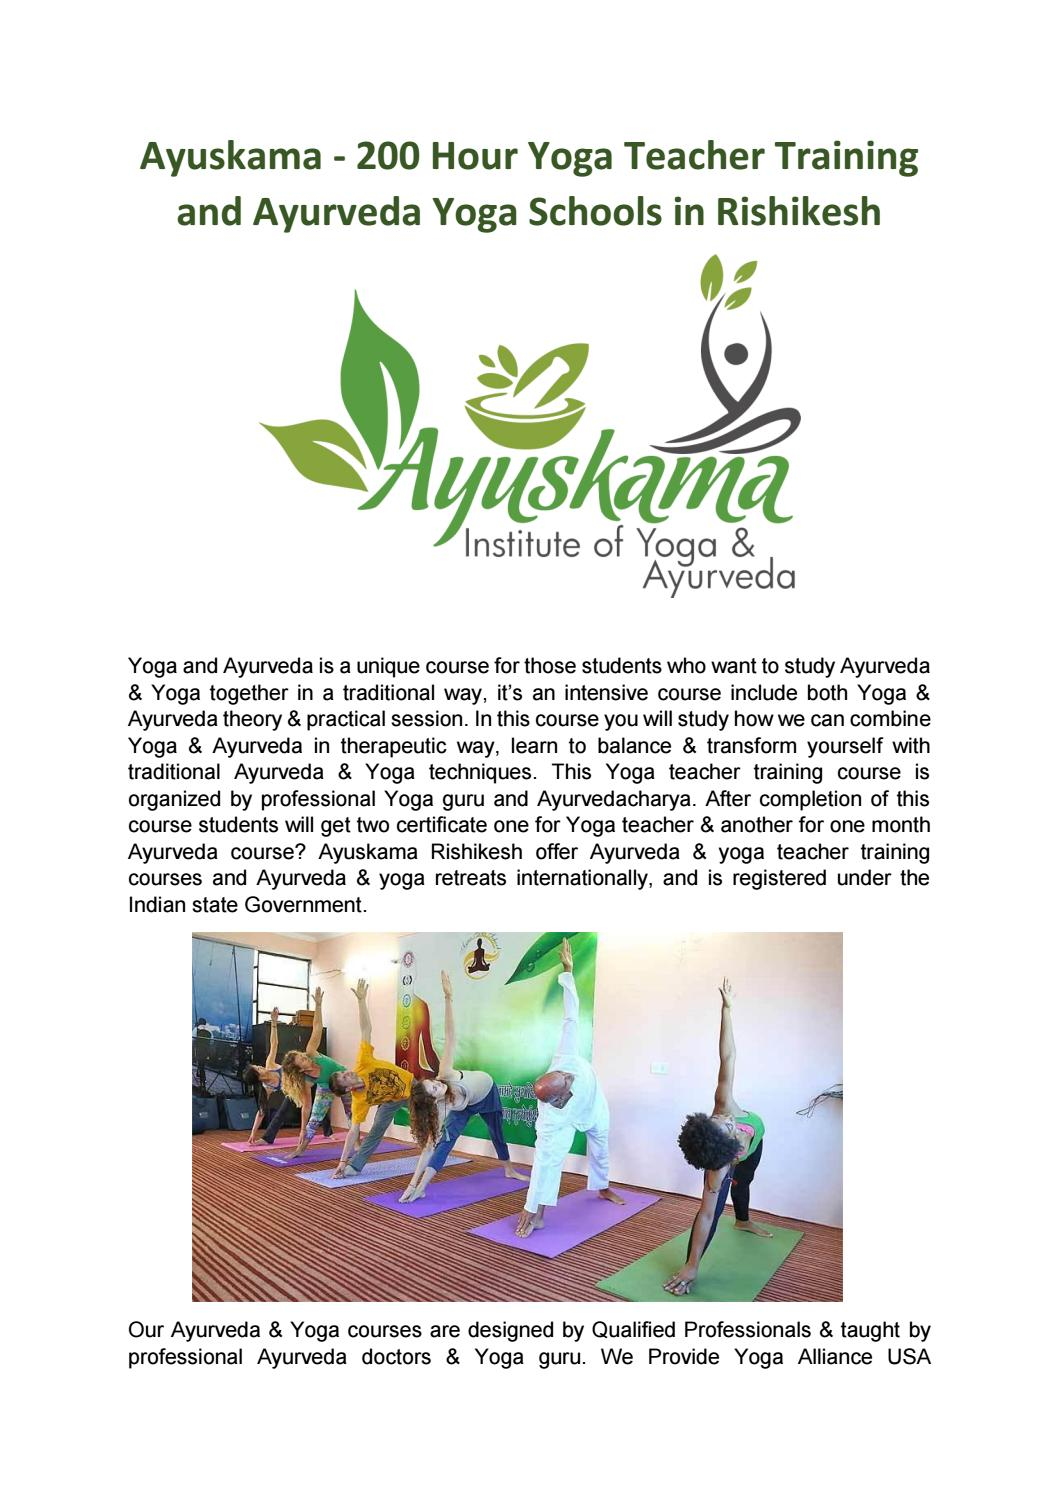 Ayuskama 200 Hour Yoga Teacher Training And Ayurveda Yoga Schools In Rishikesh By Ayus Kama Issuu